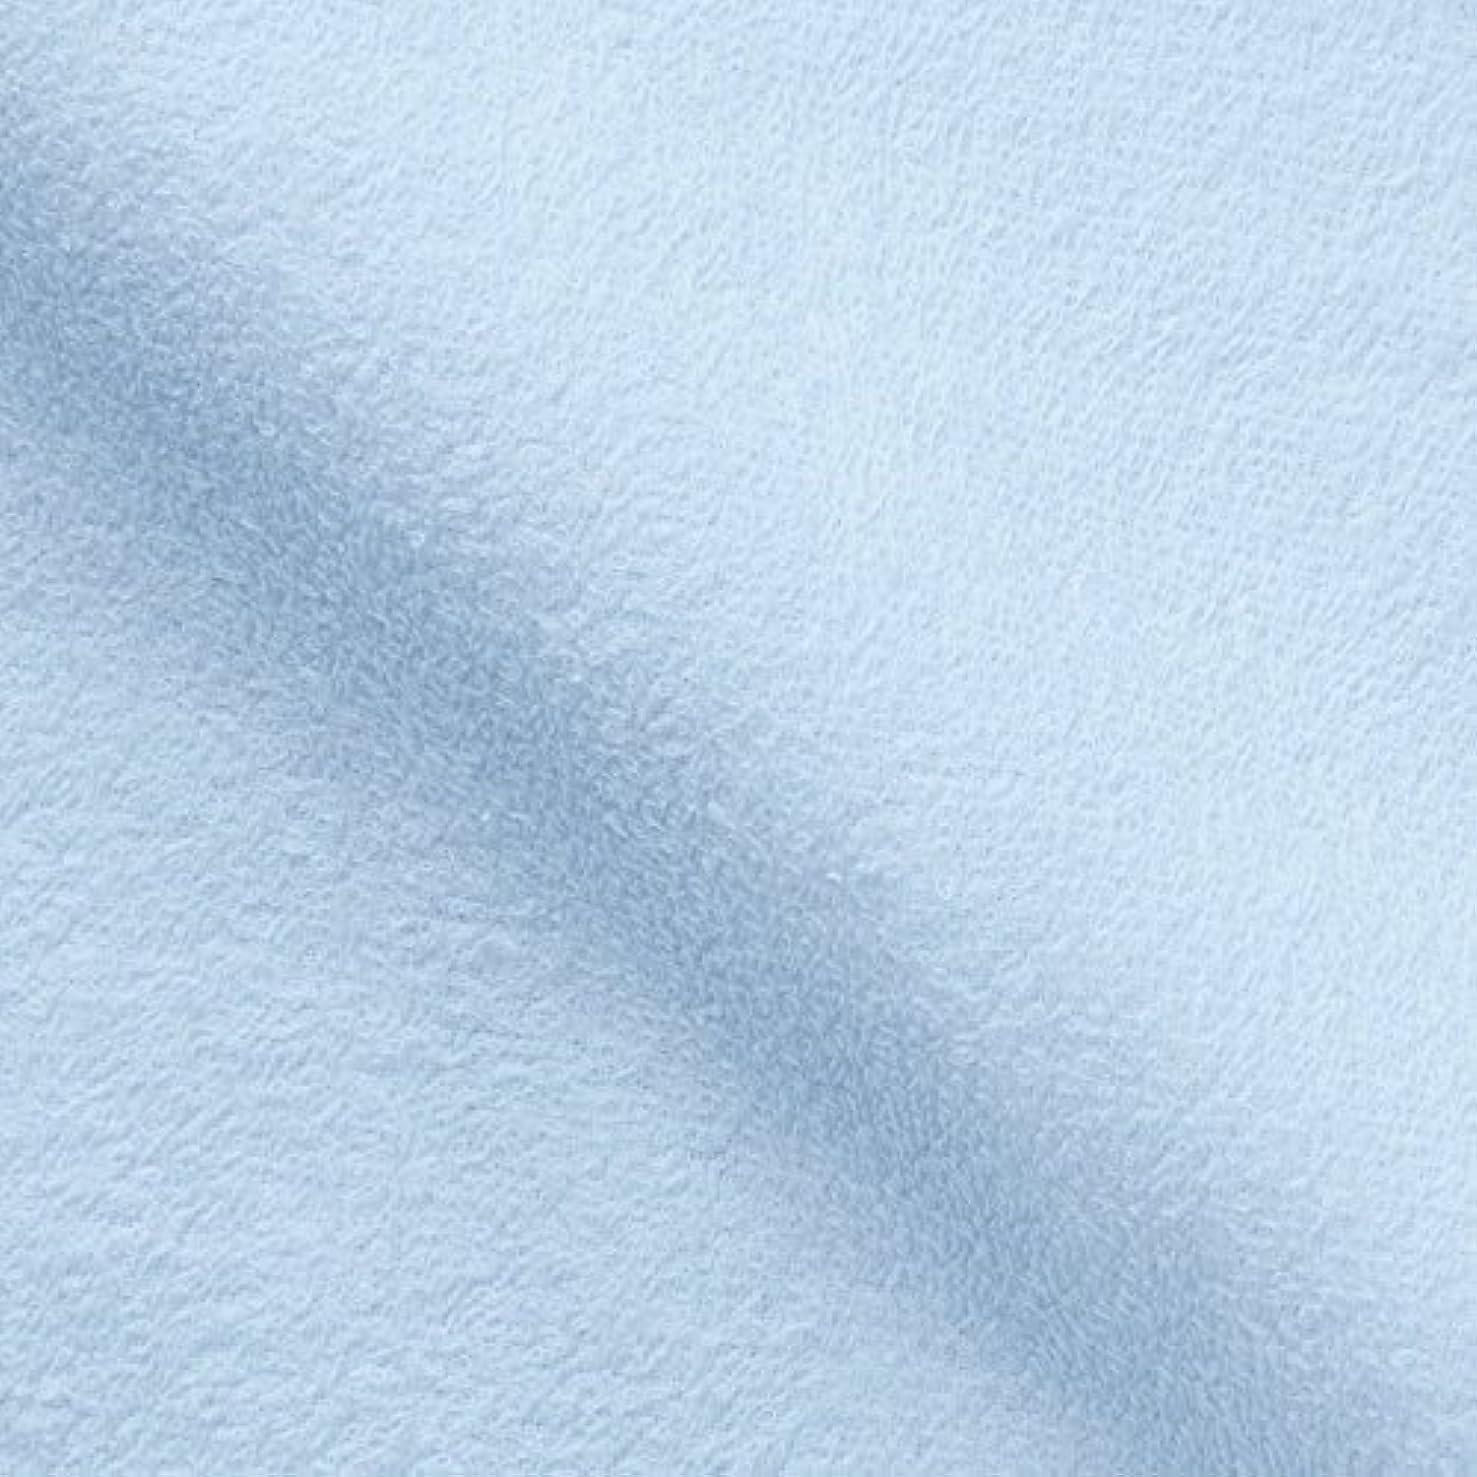 熱帯の司法懸念キヨタ 抗菌介護タオル(フェイスタオル12枚入) ブルー 34×84cm